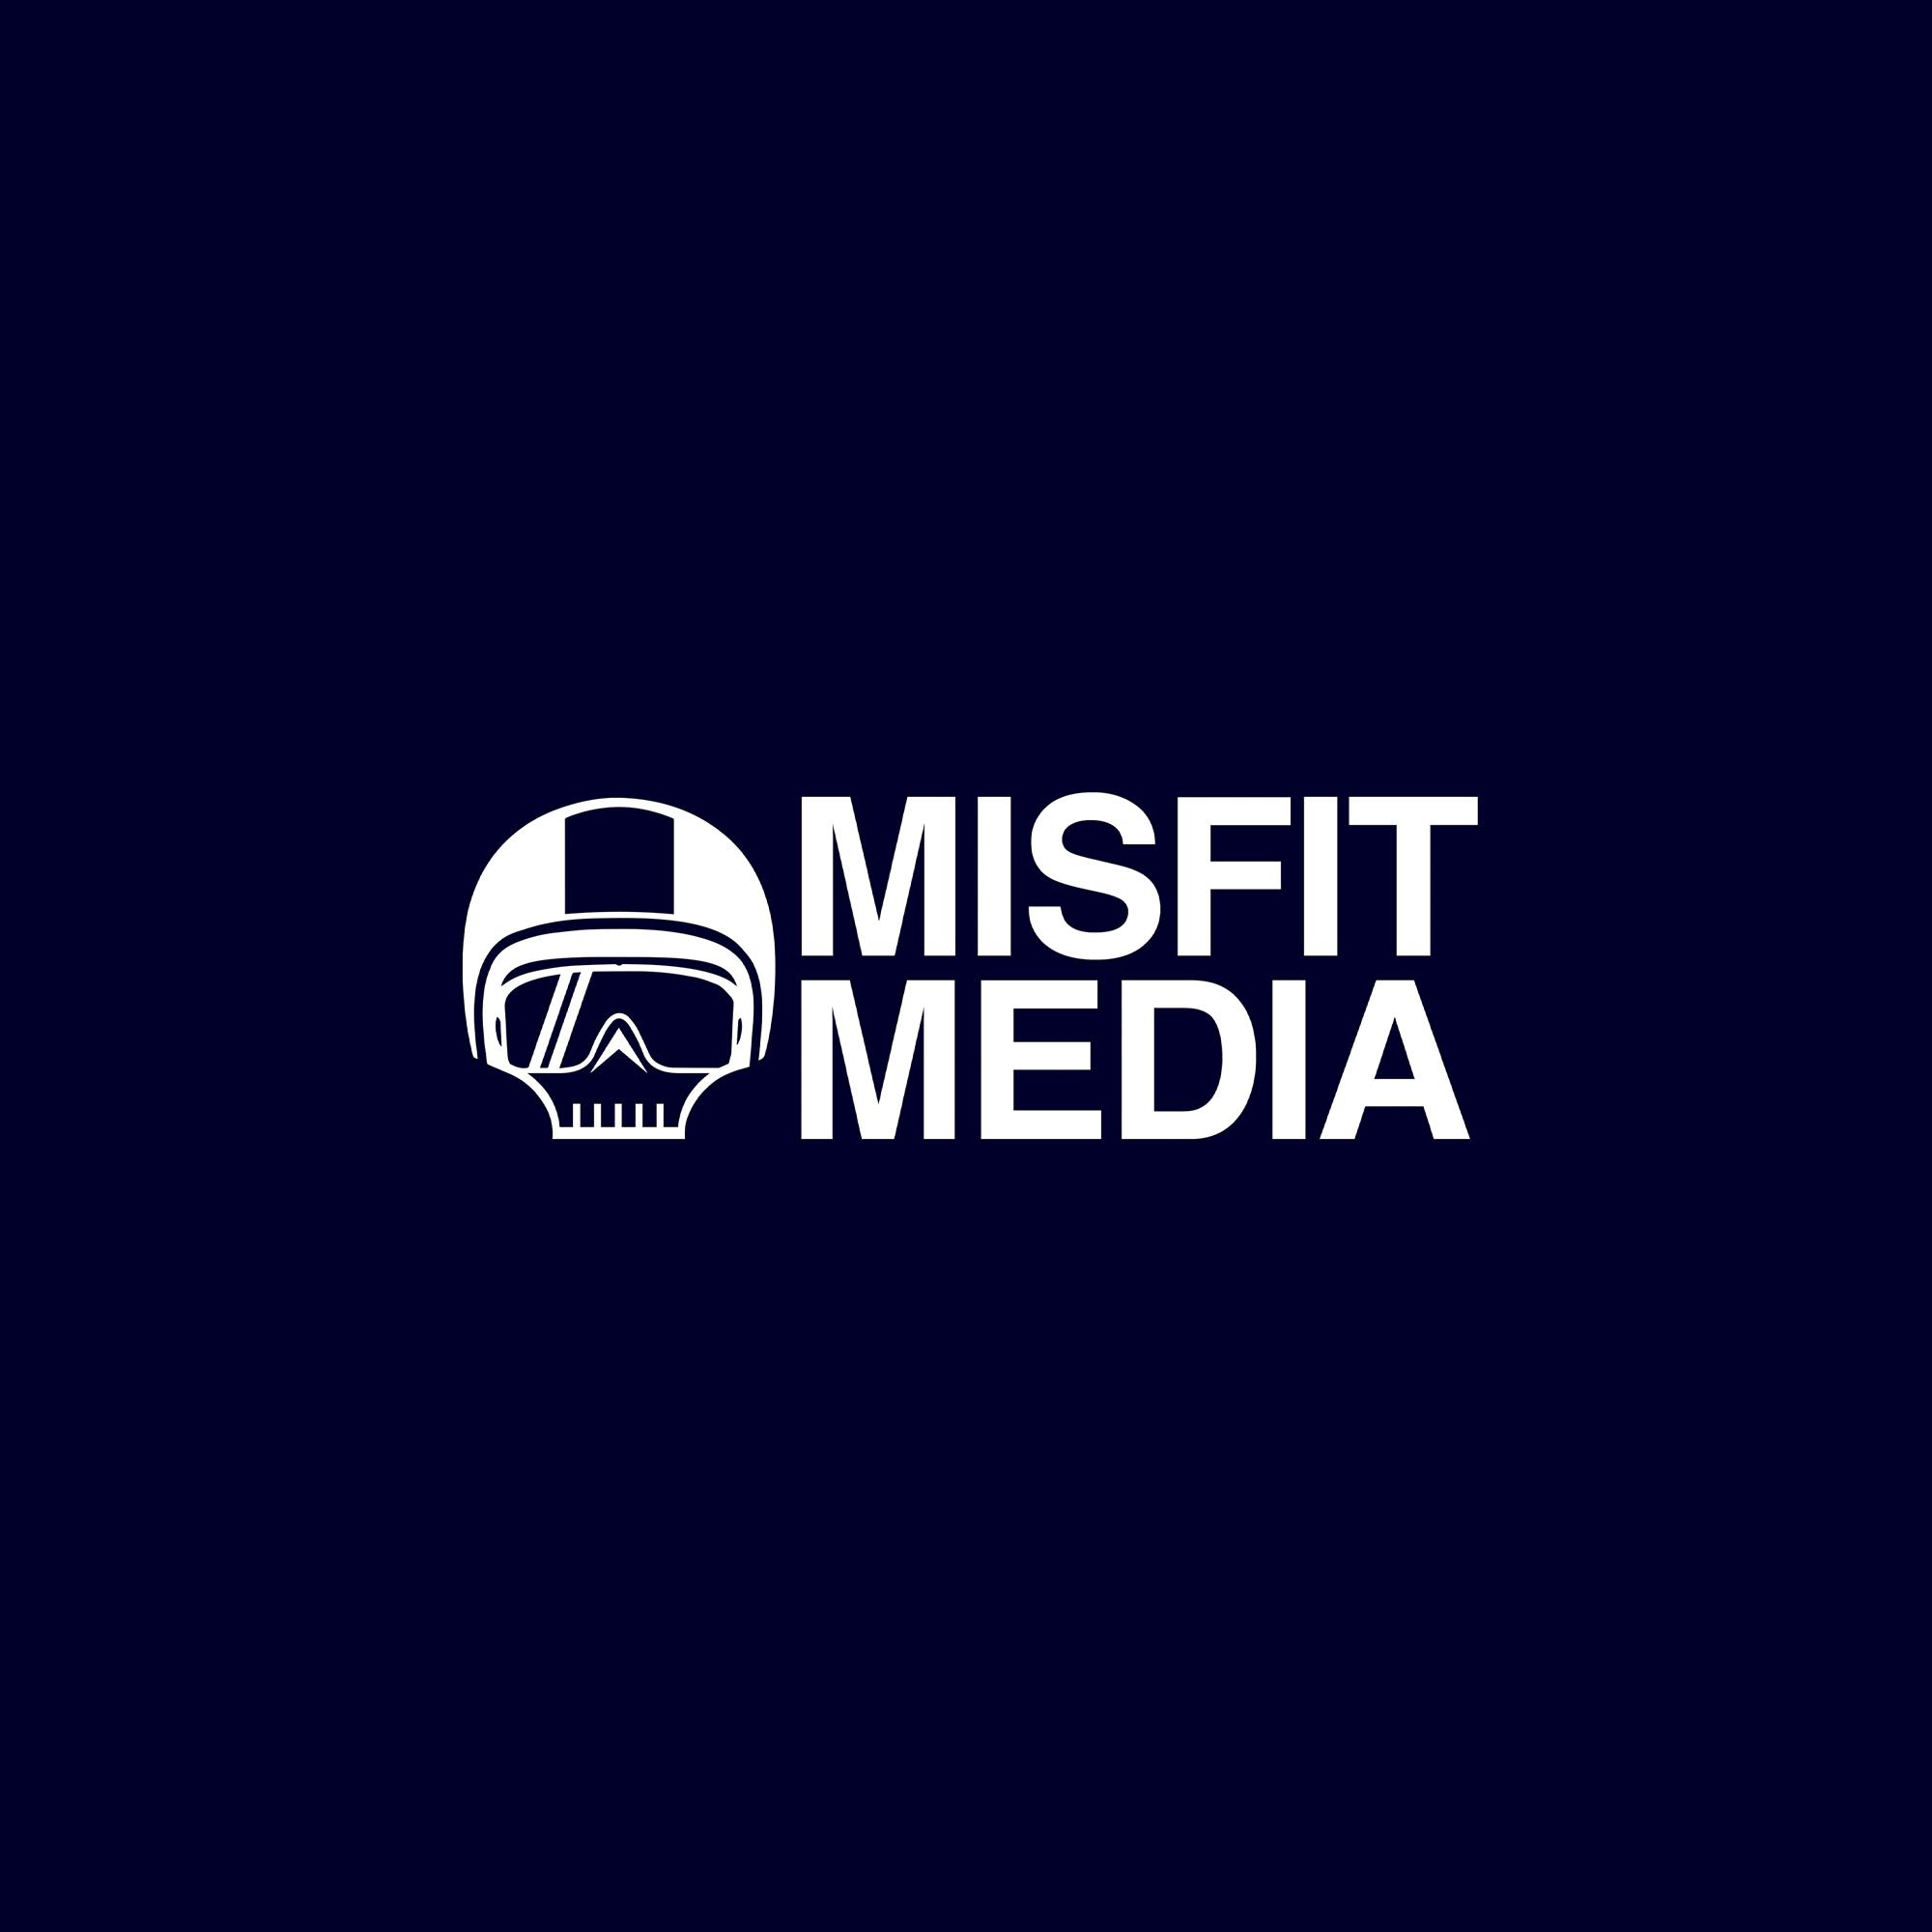 misfitmedia